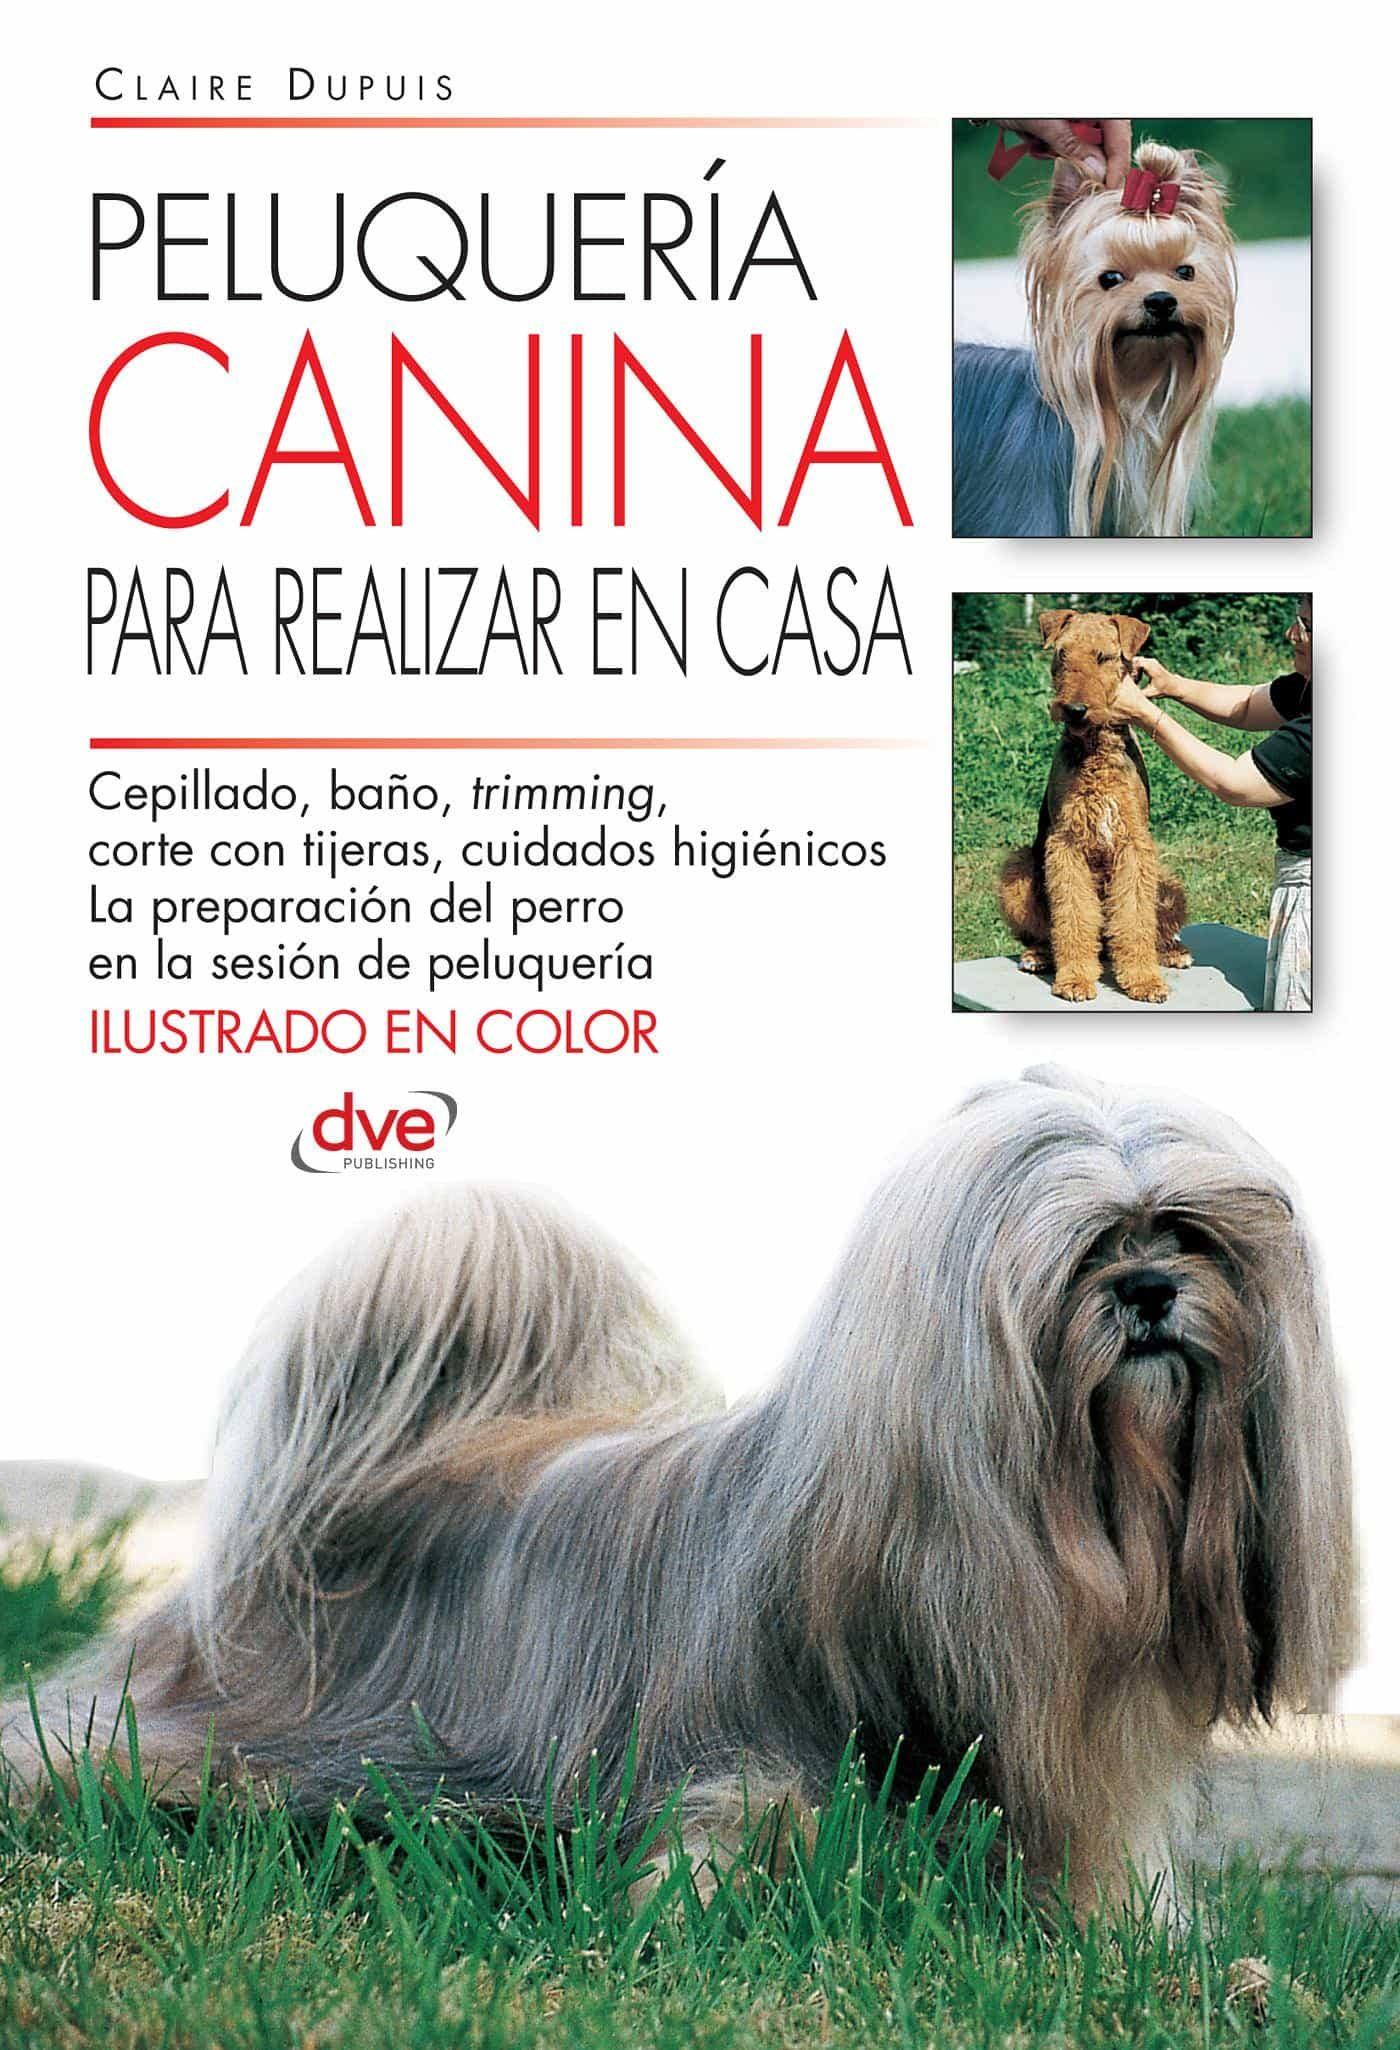 peluquería canina para realizar en casa (ebook) · ebooks · el corte